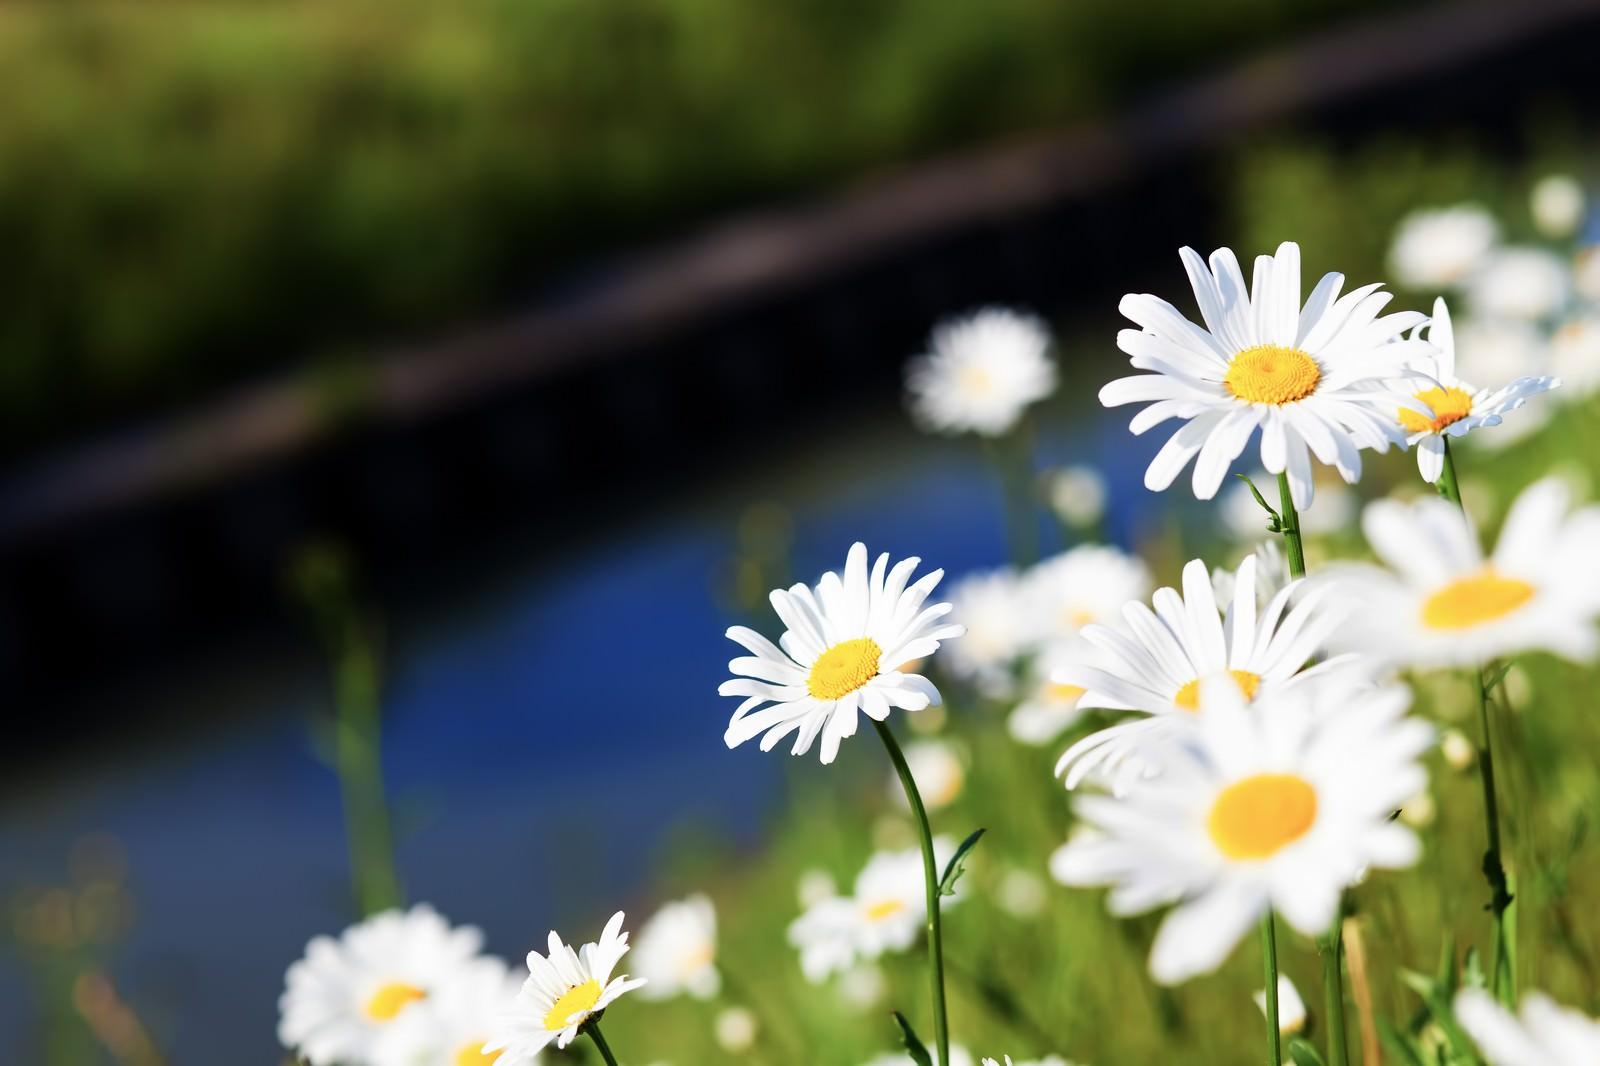 「川辺に咲くマーガレット」の写真